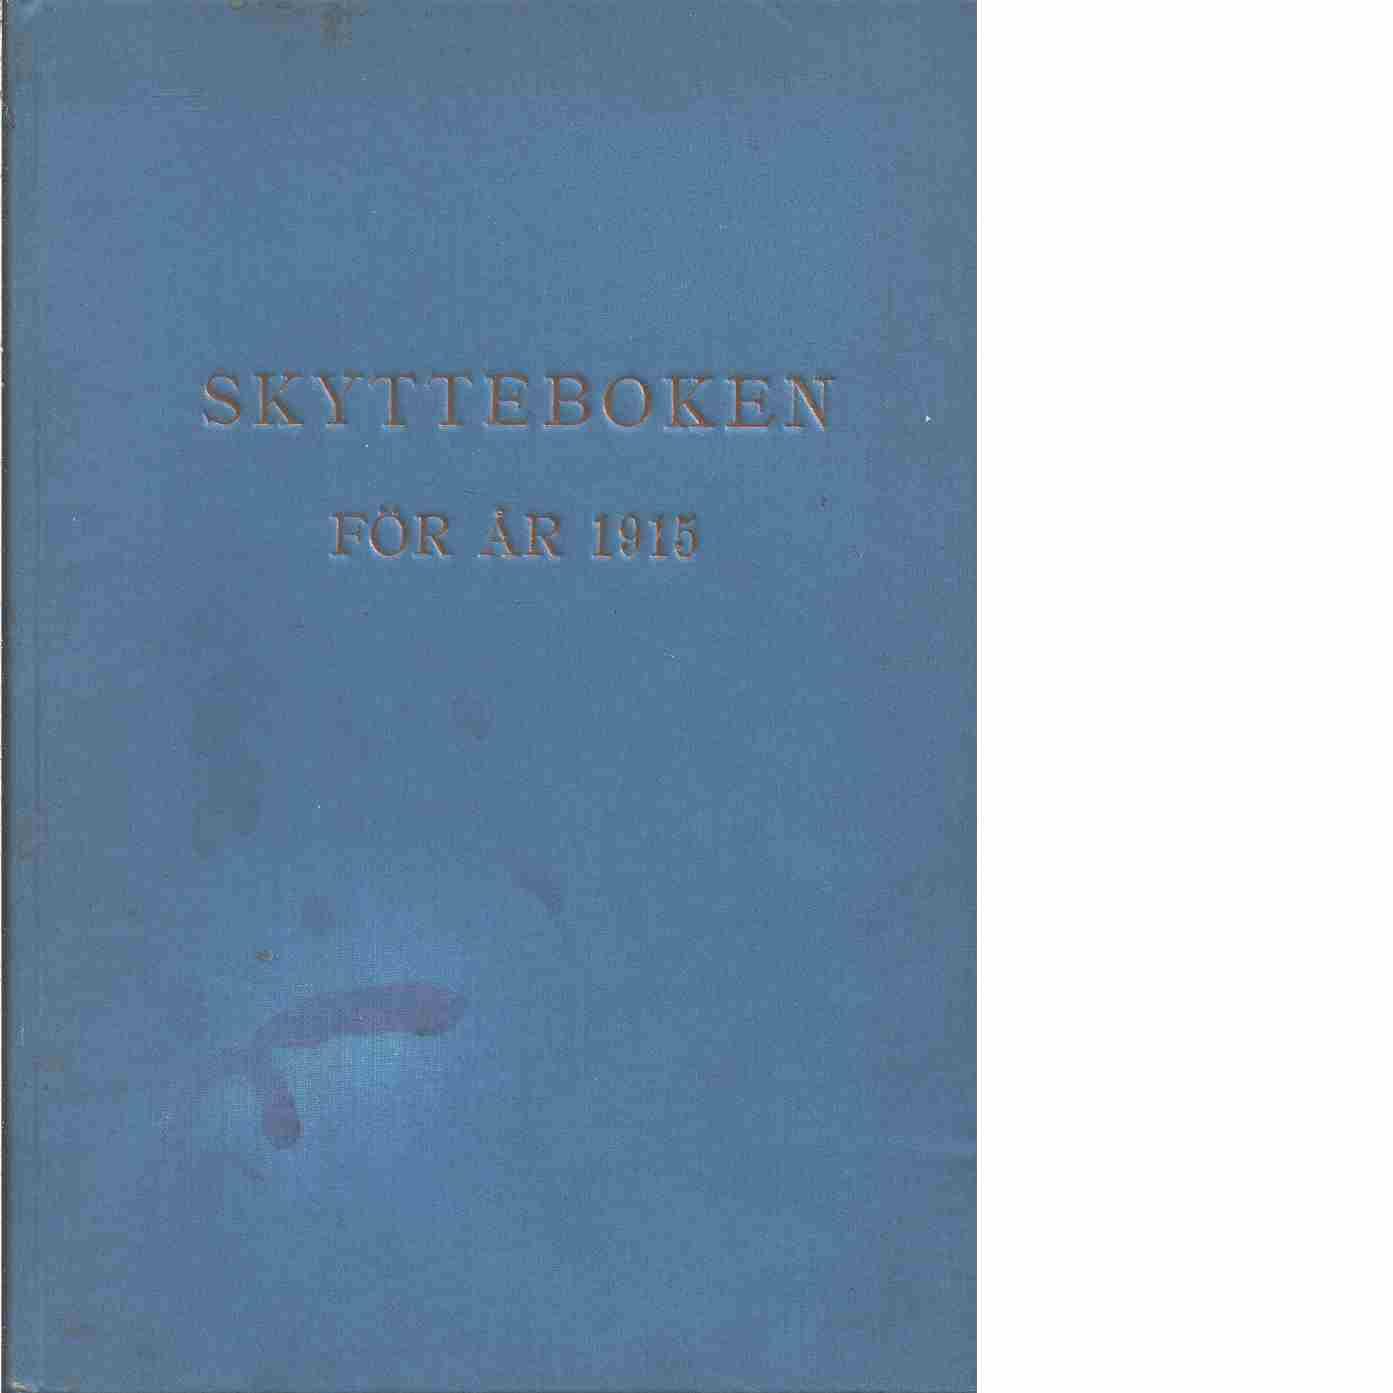 Skytteboken för år 1915 -  Wahlquist, Vilhelm